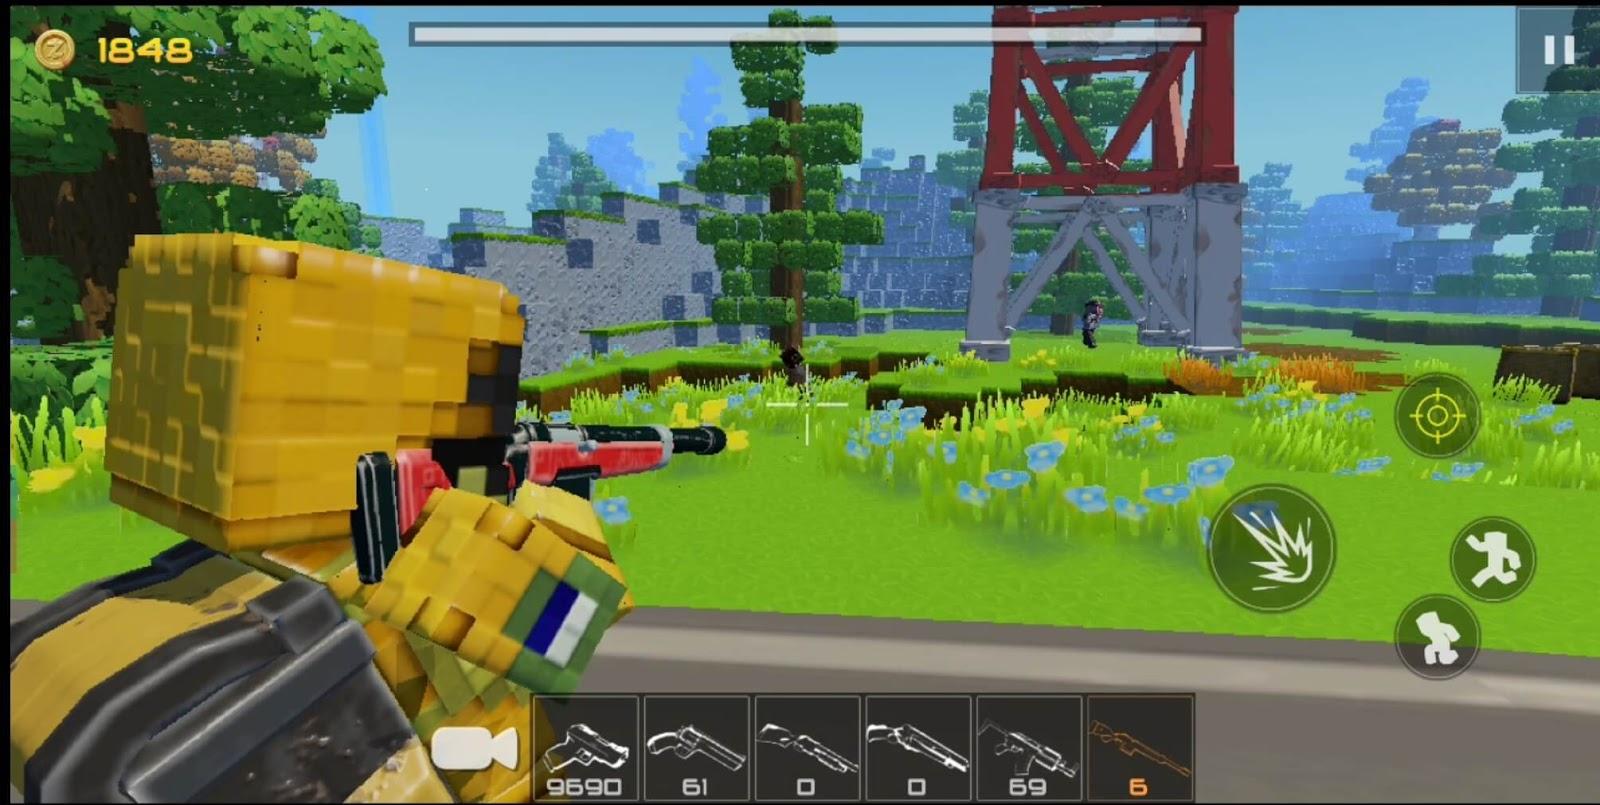 تحميل لعبة ماين كرافت Minecraft الجديدة مود زومبي تشتغل ...